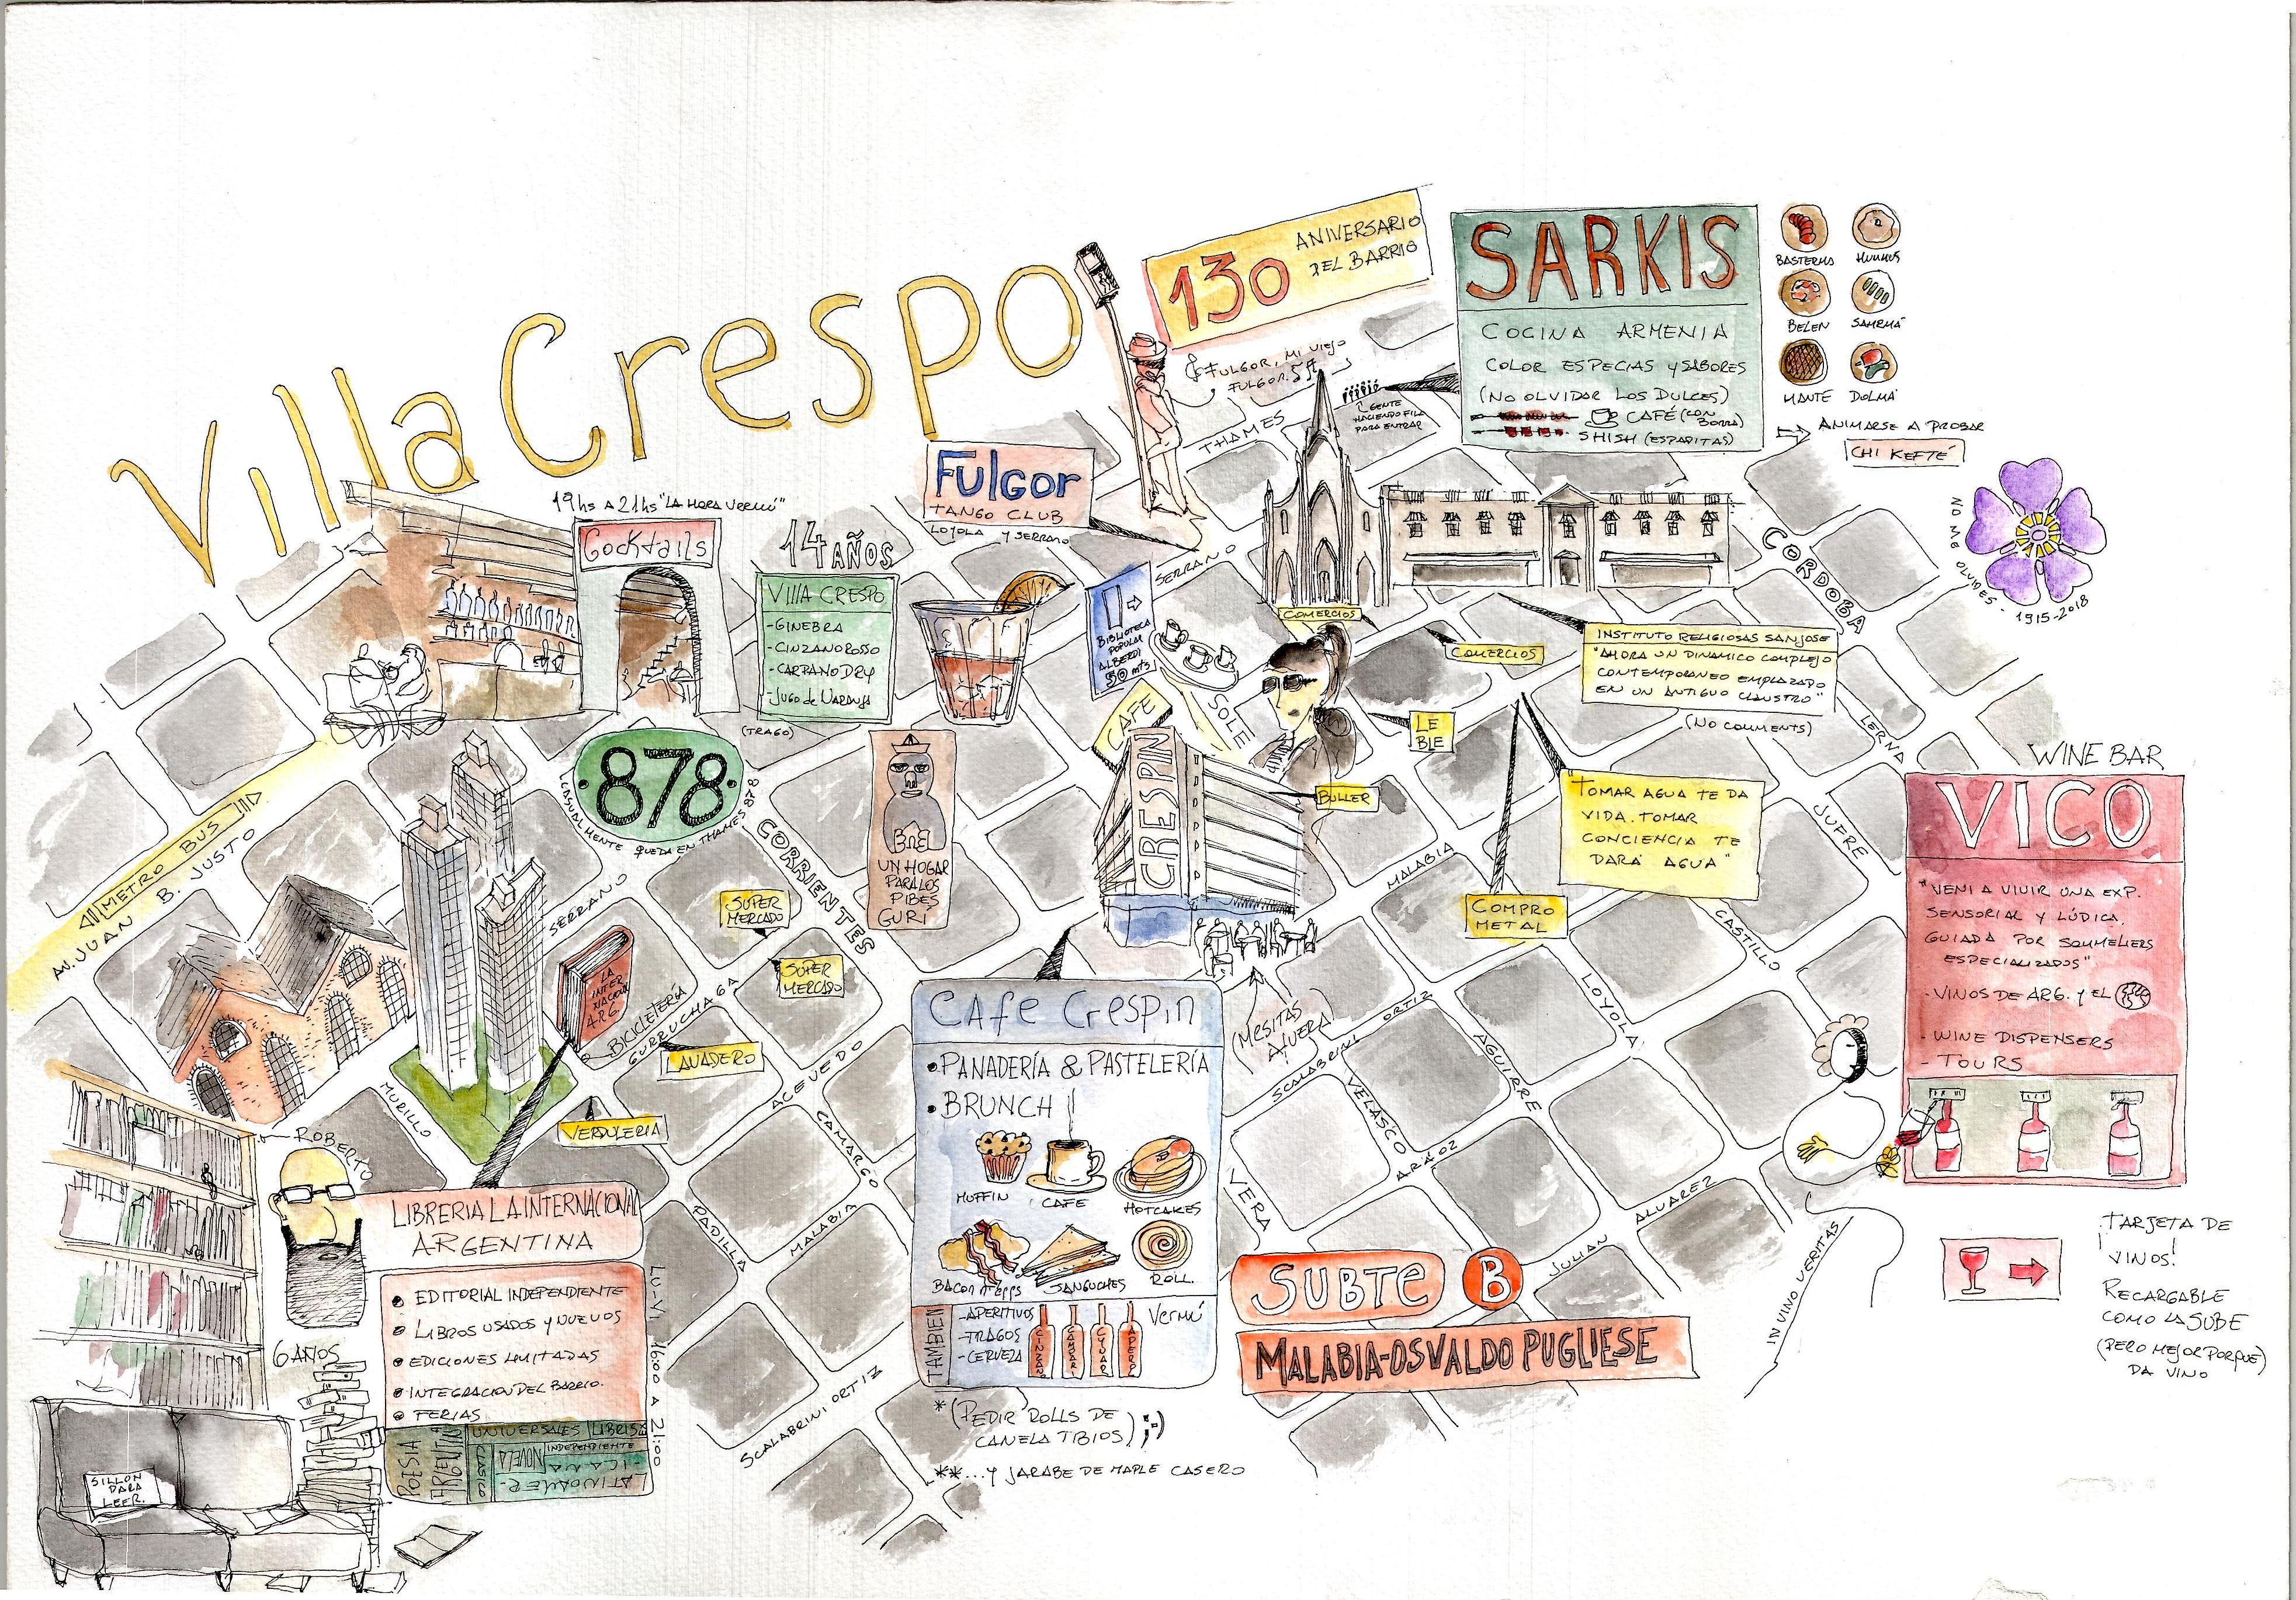 Dónde alojarse y qué hacer en Villa Crespo: guía con recomendaciones de nuestros anfitriones de Buenos Aires